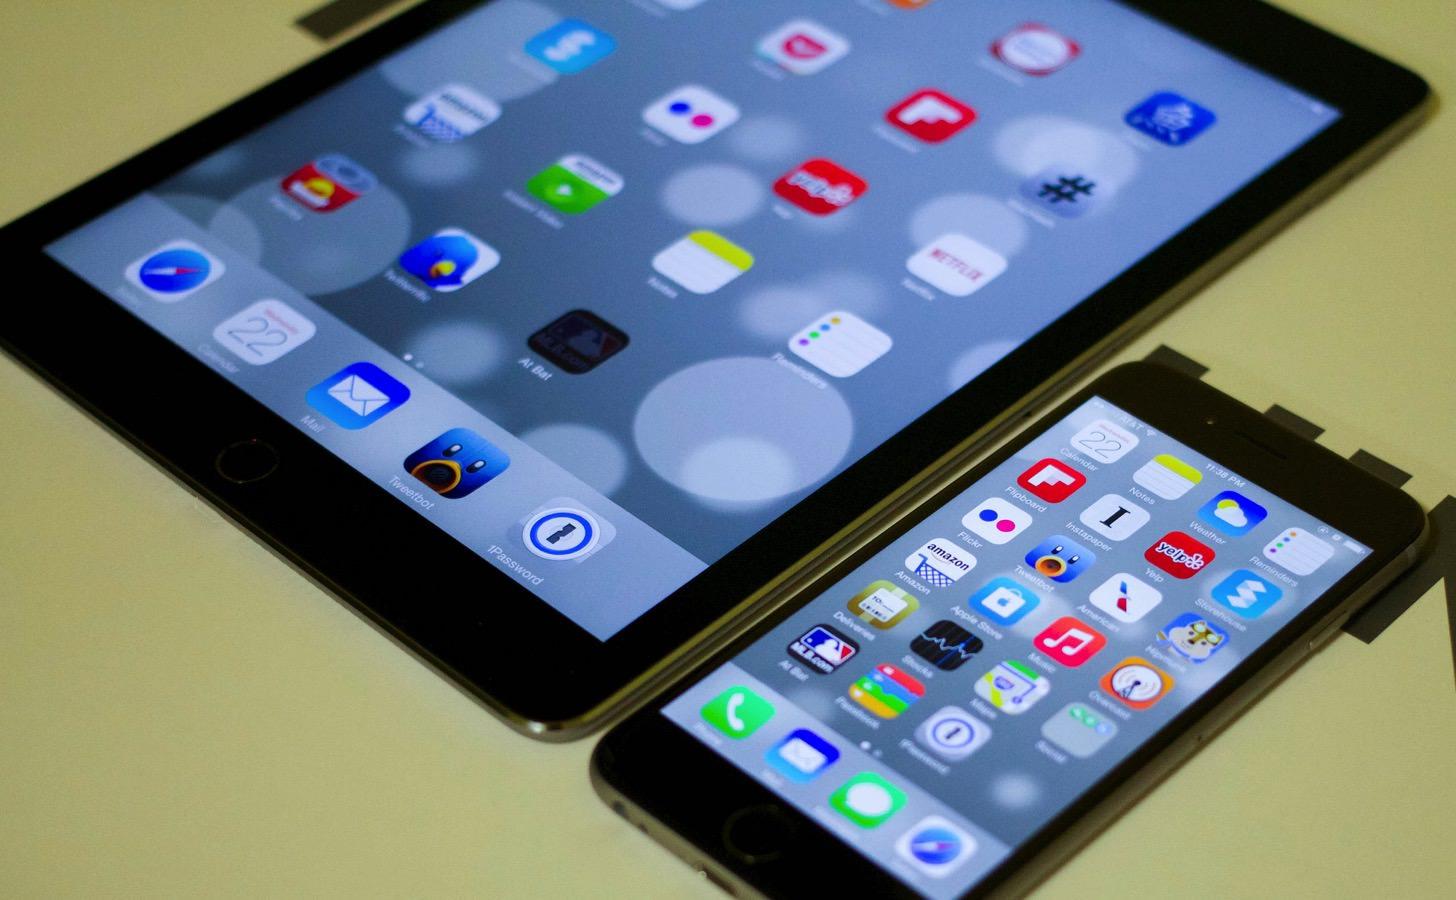 12インチ「iPad Pro」はデュアルアプリビューイングや、マルチユーザ機能を備えている?